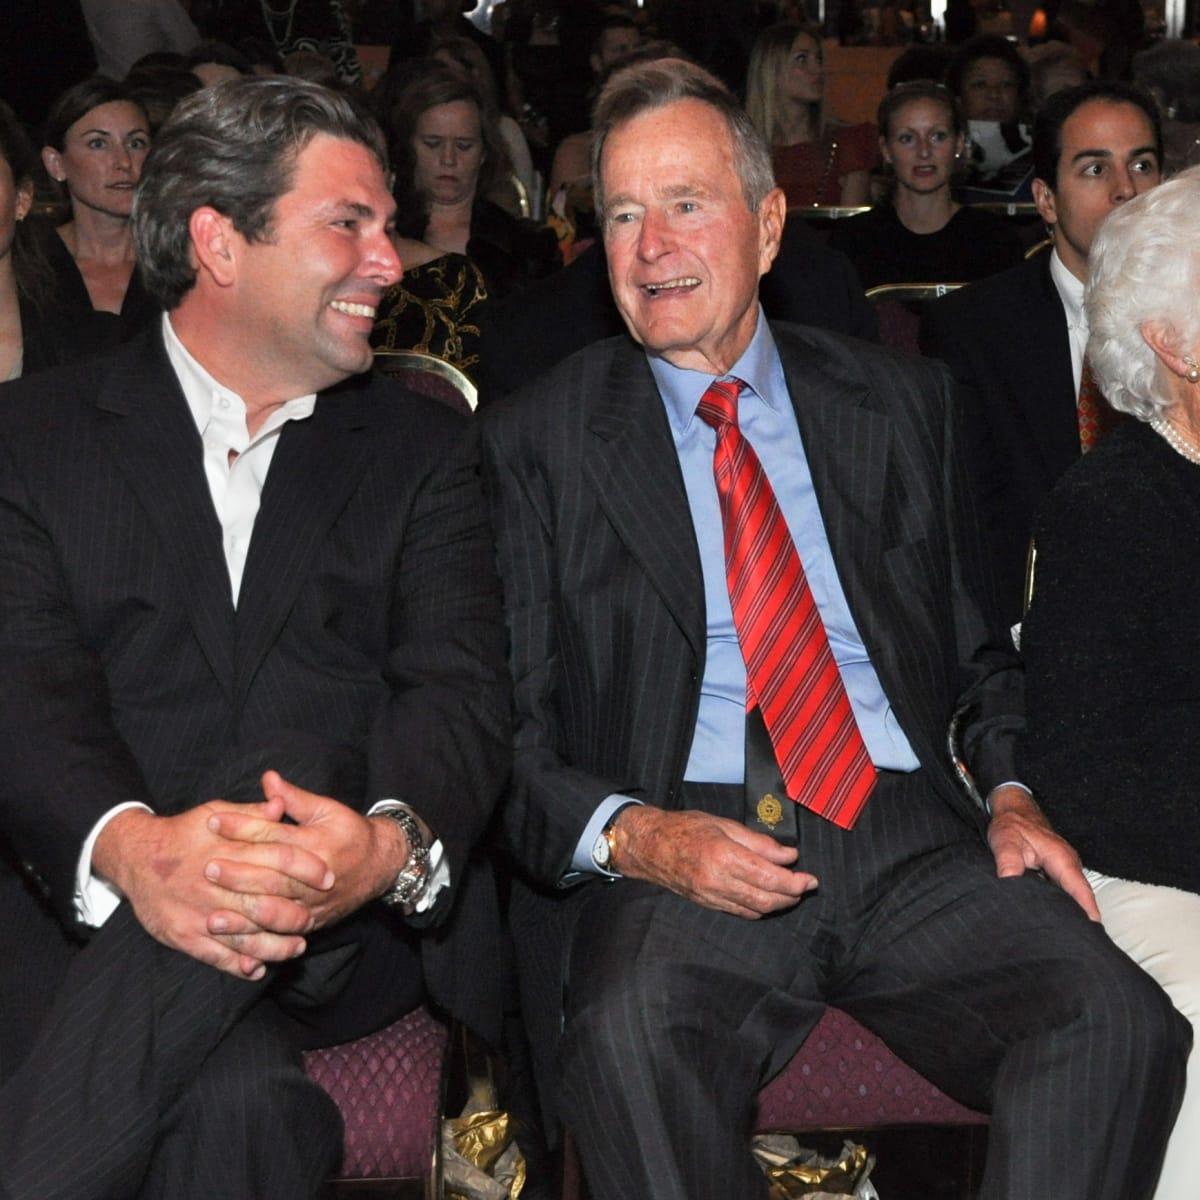 News_Houston Fashion Week_Jared Lang,_George HW Bush_Barbara Bush_Oct. 2010